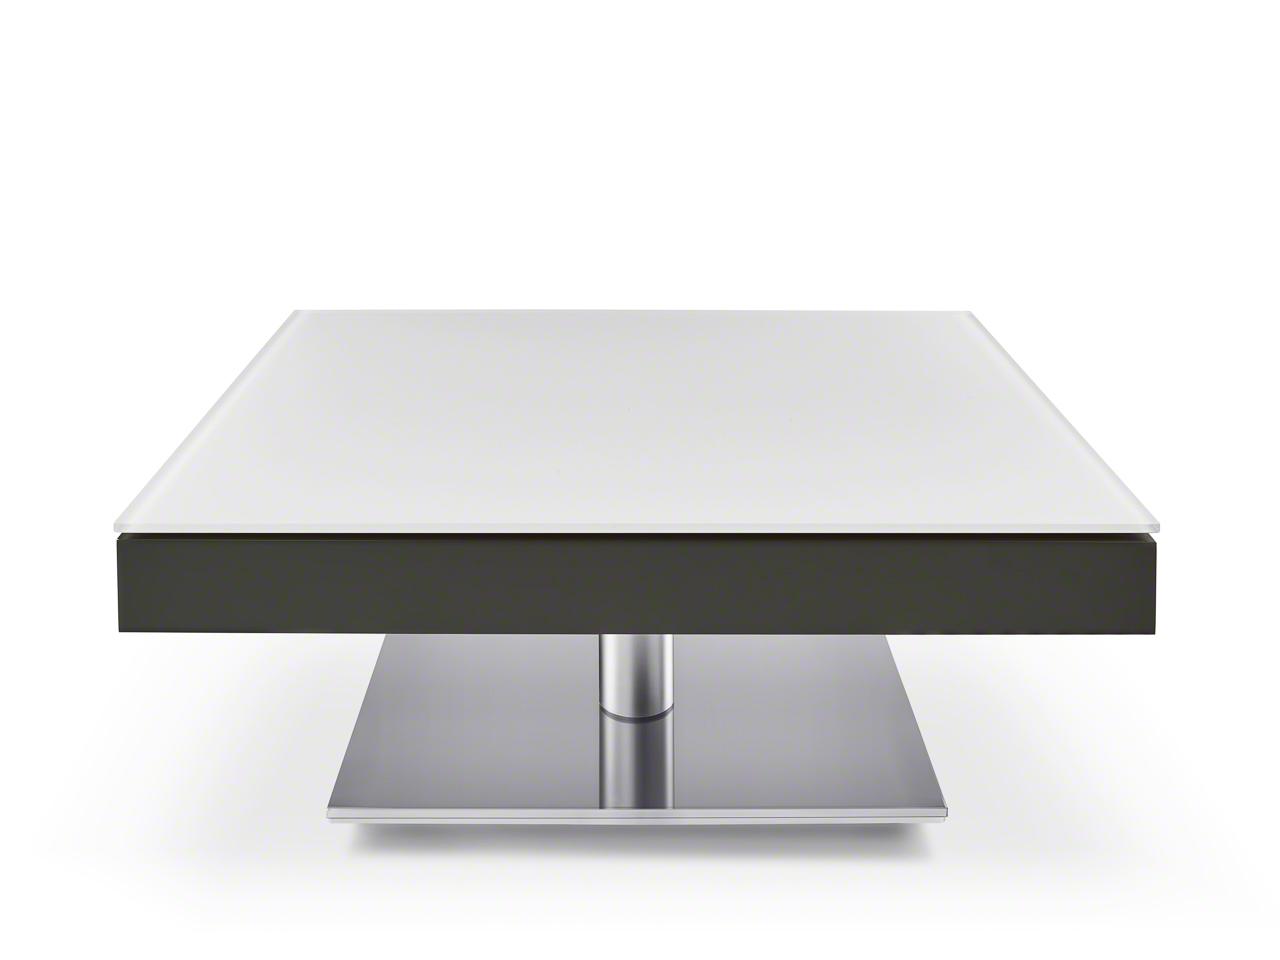 Table de salon Ronald Schmitt Design K 468 JANUS | Boschung